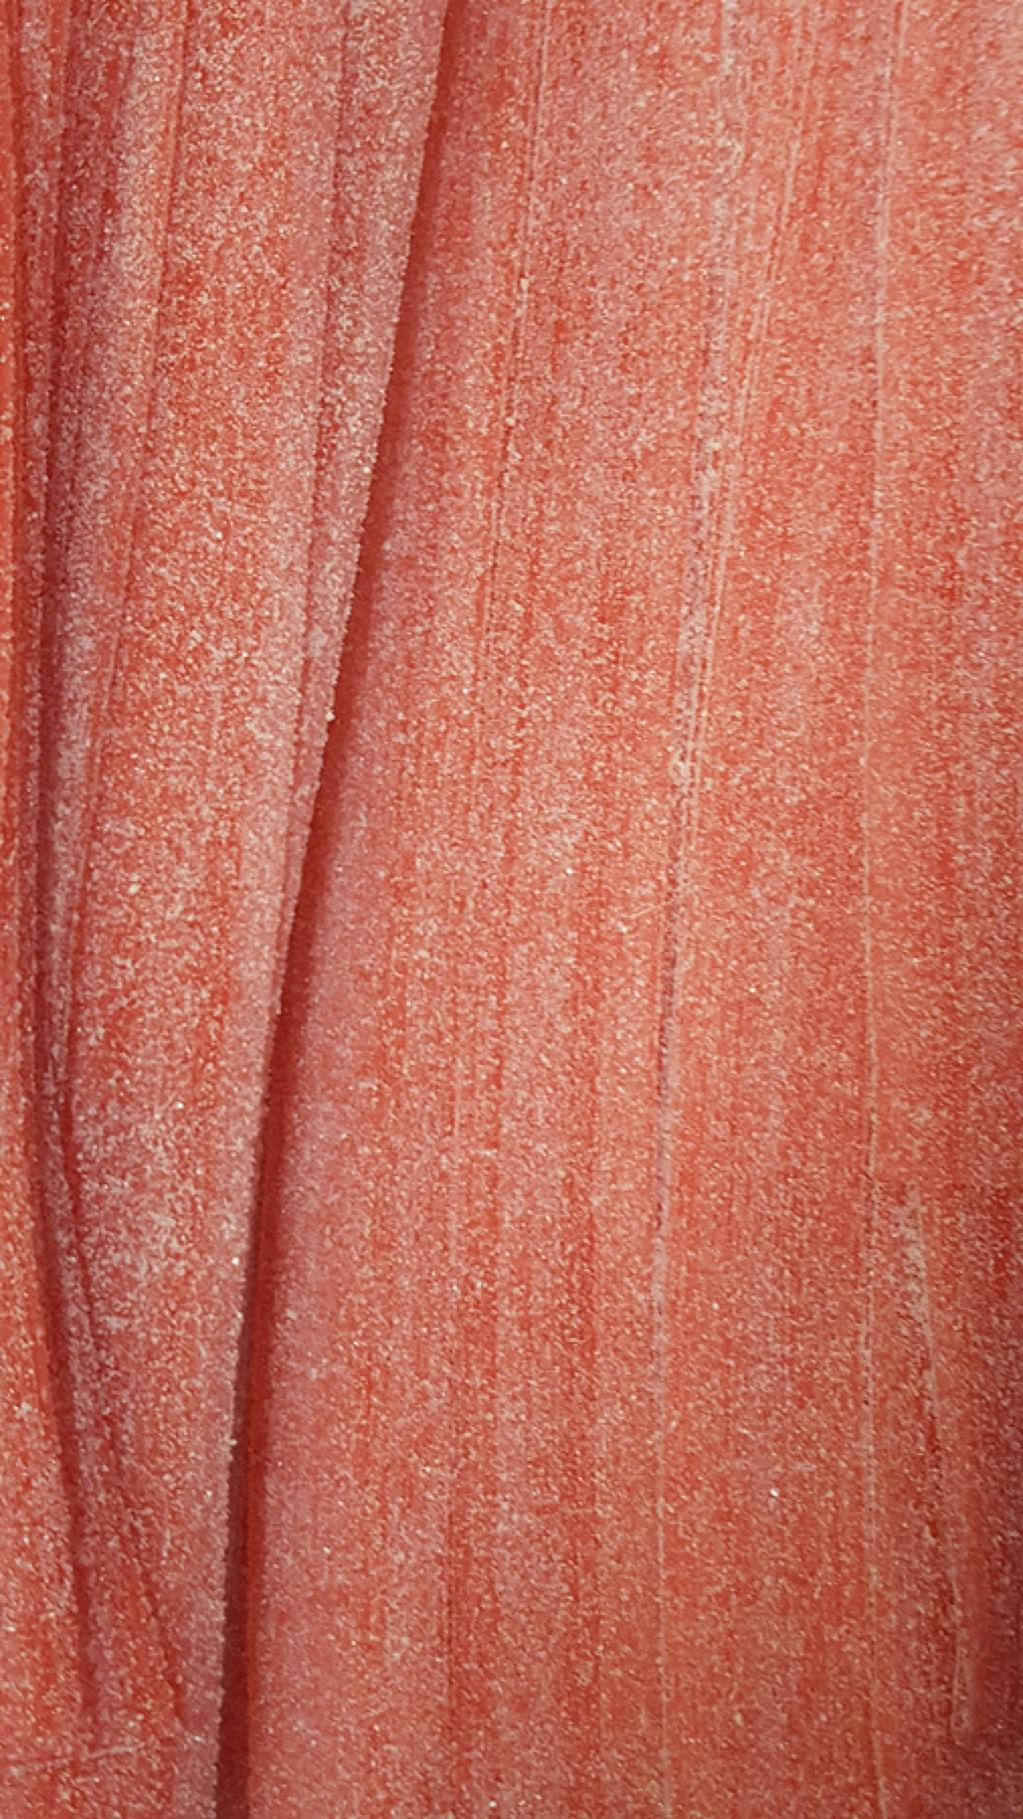 Lengua fresa Haribo - 8b7d7-20200508_181750.jpg